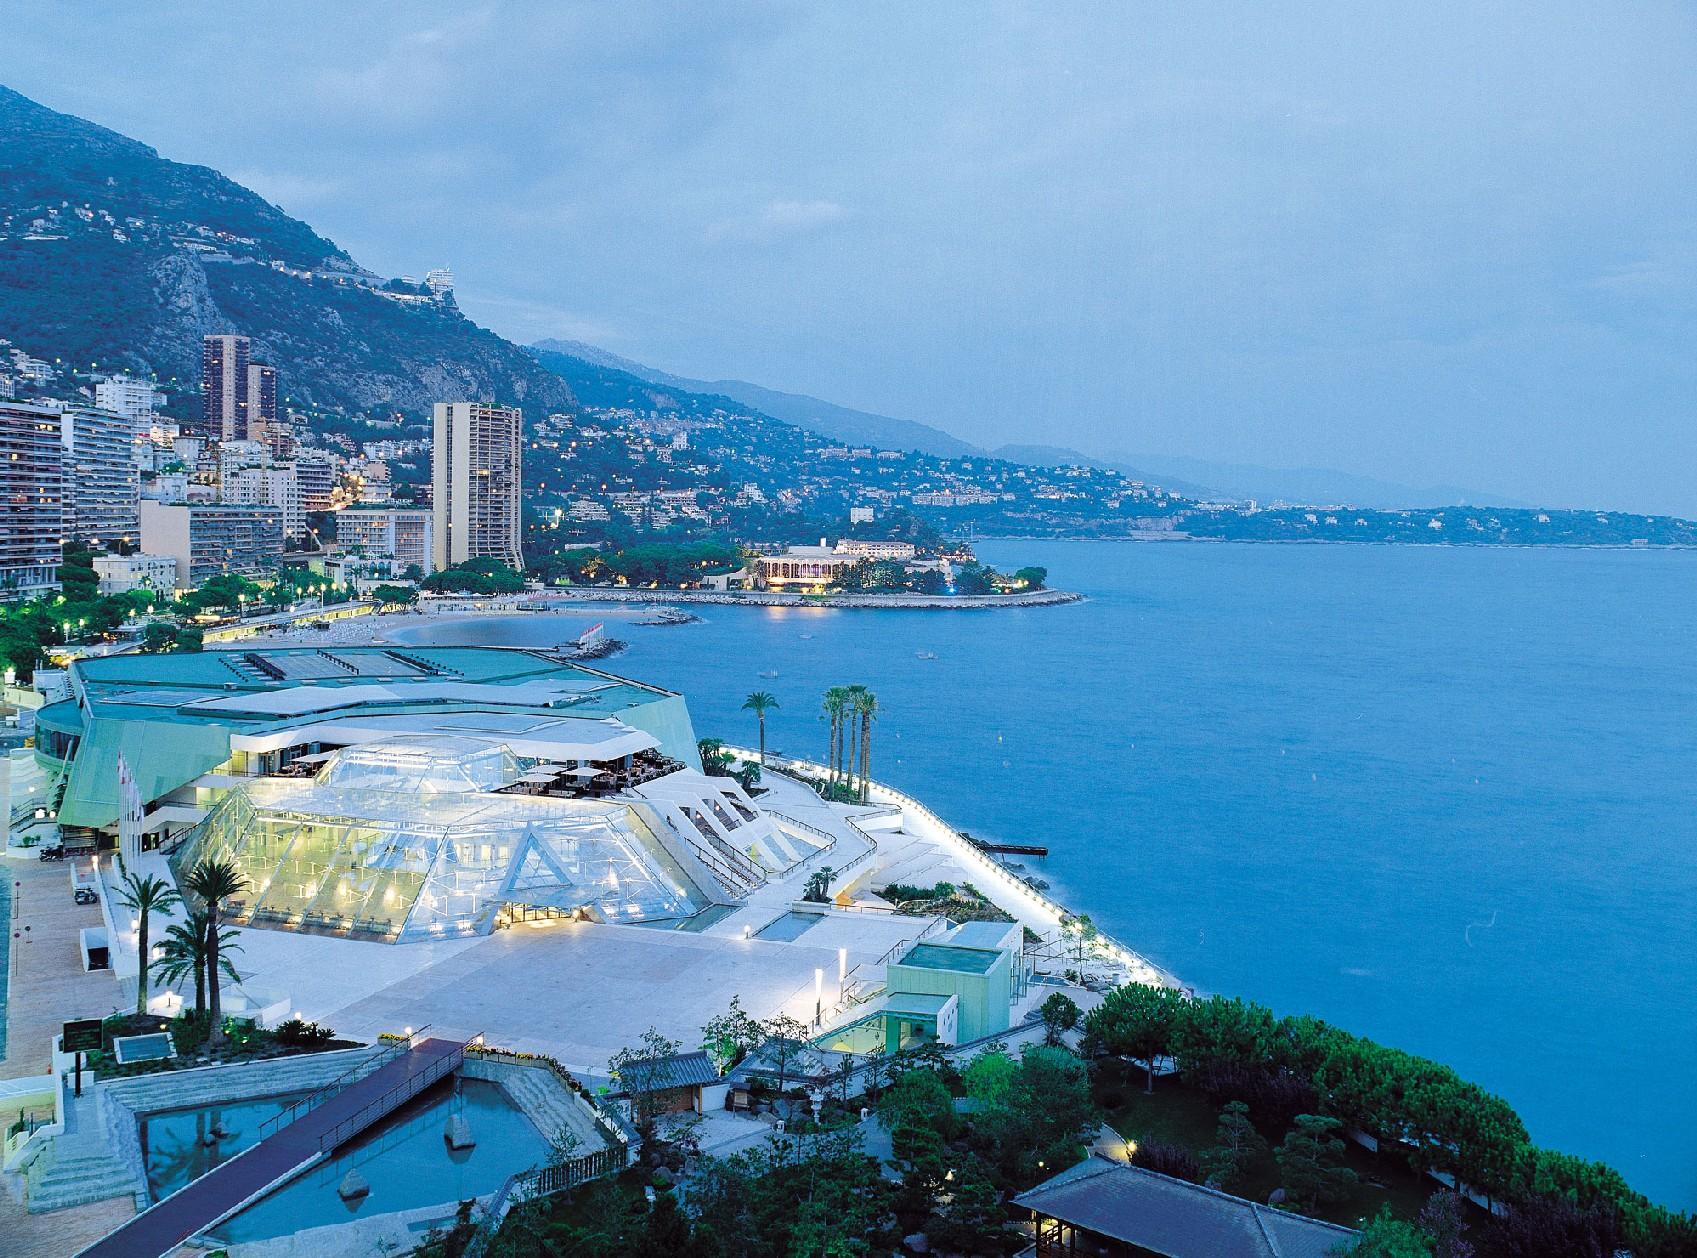 http://www.fassinoimmobiliare.com/Monaco%20grimaldi.jpg